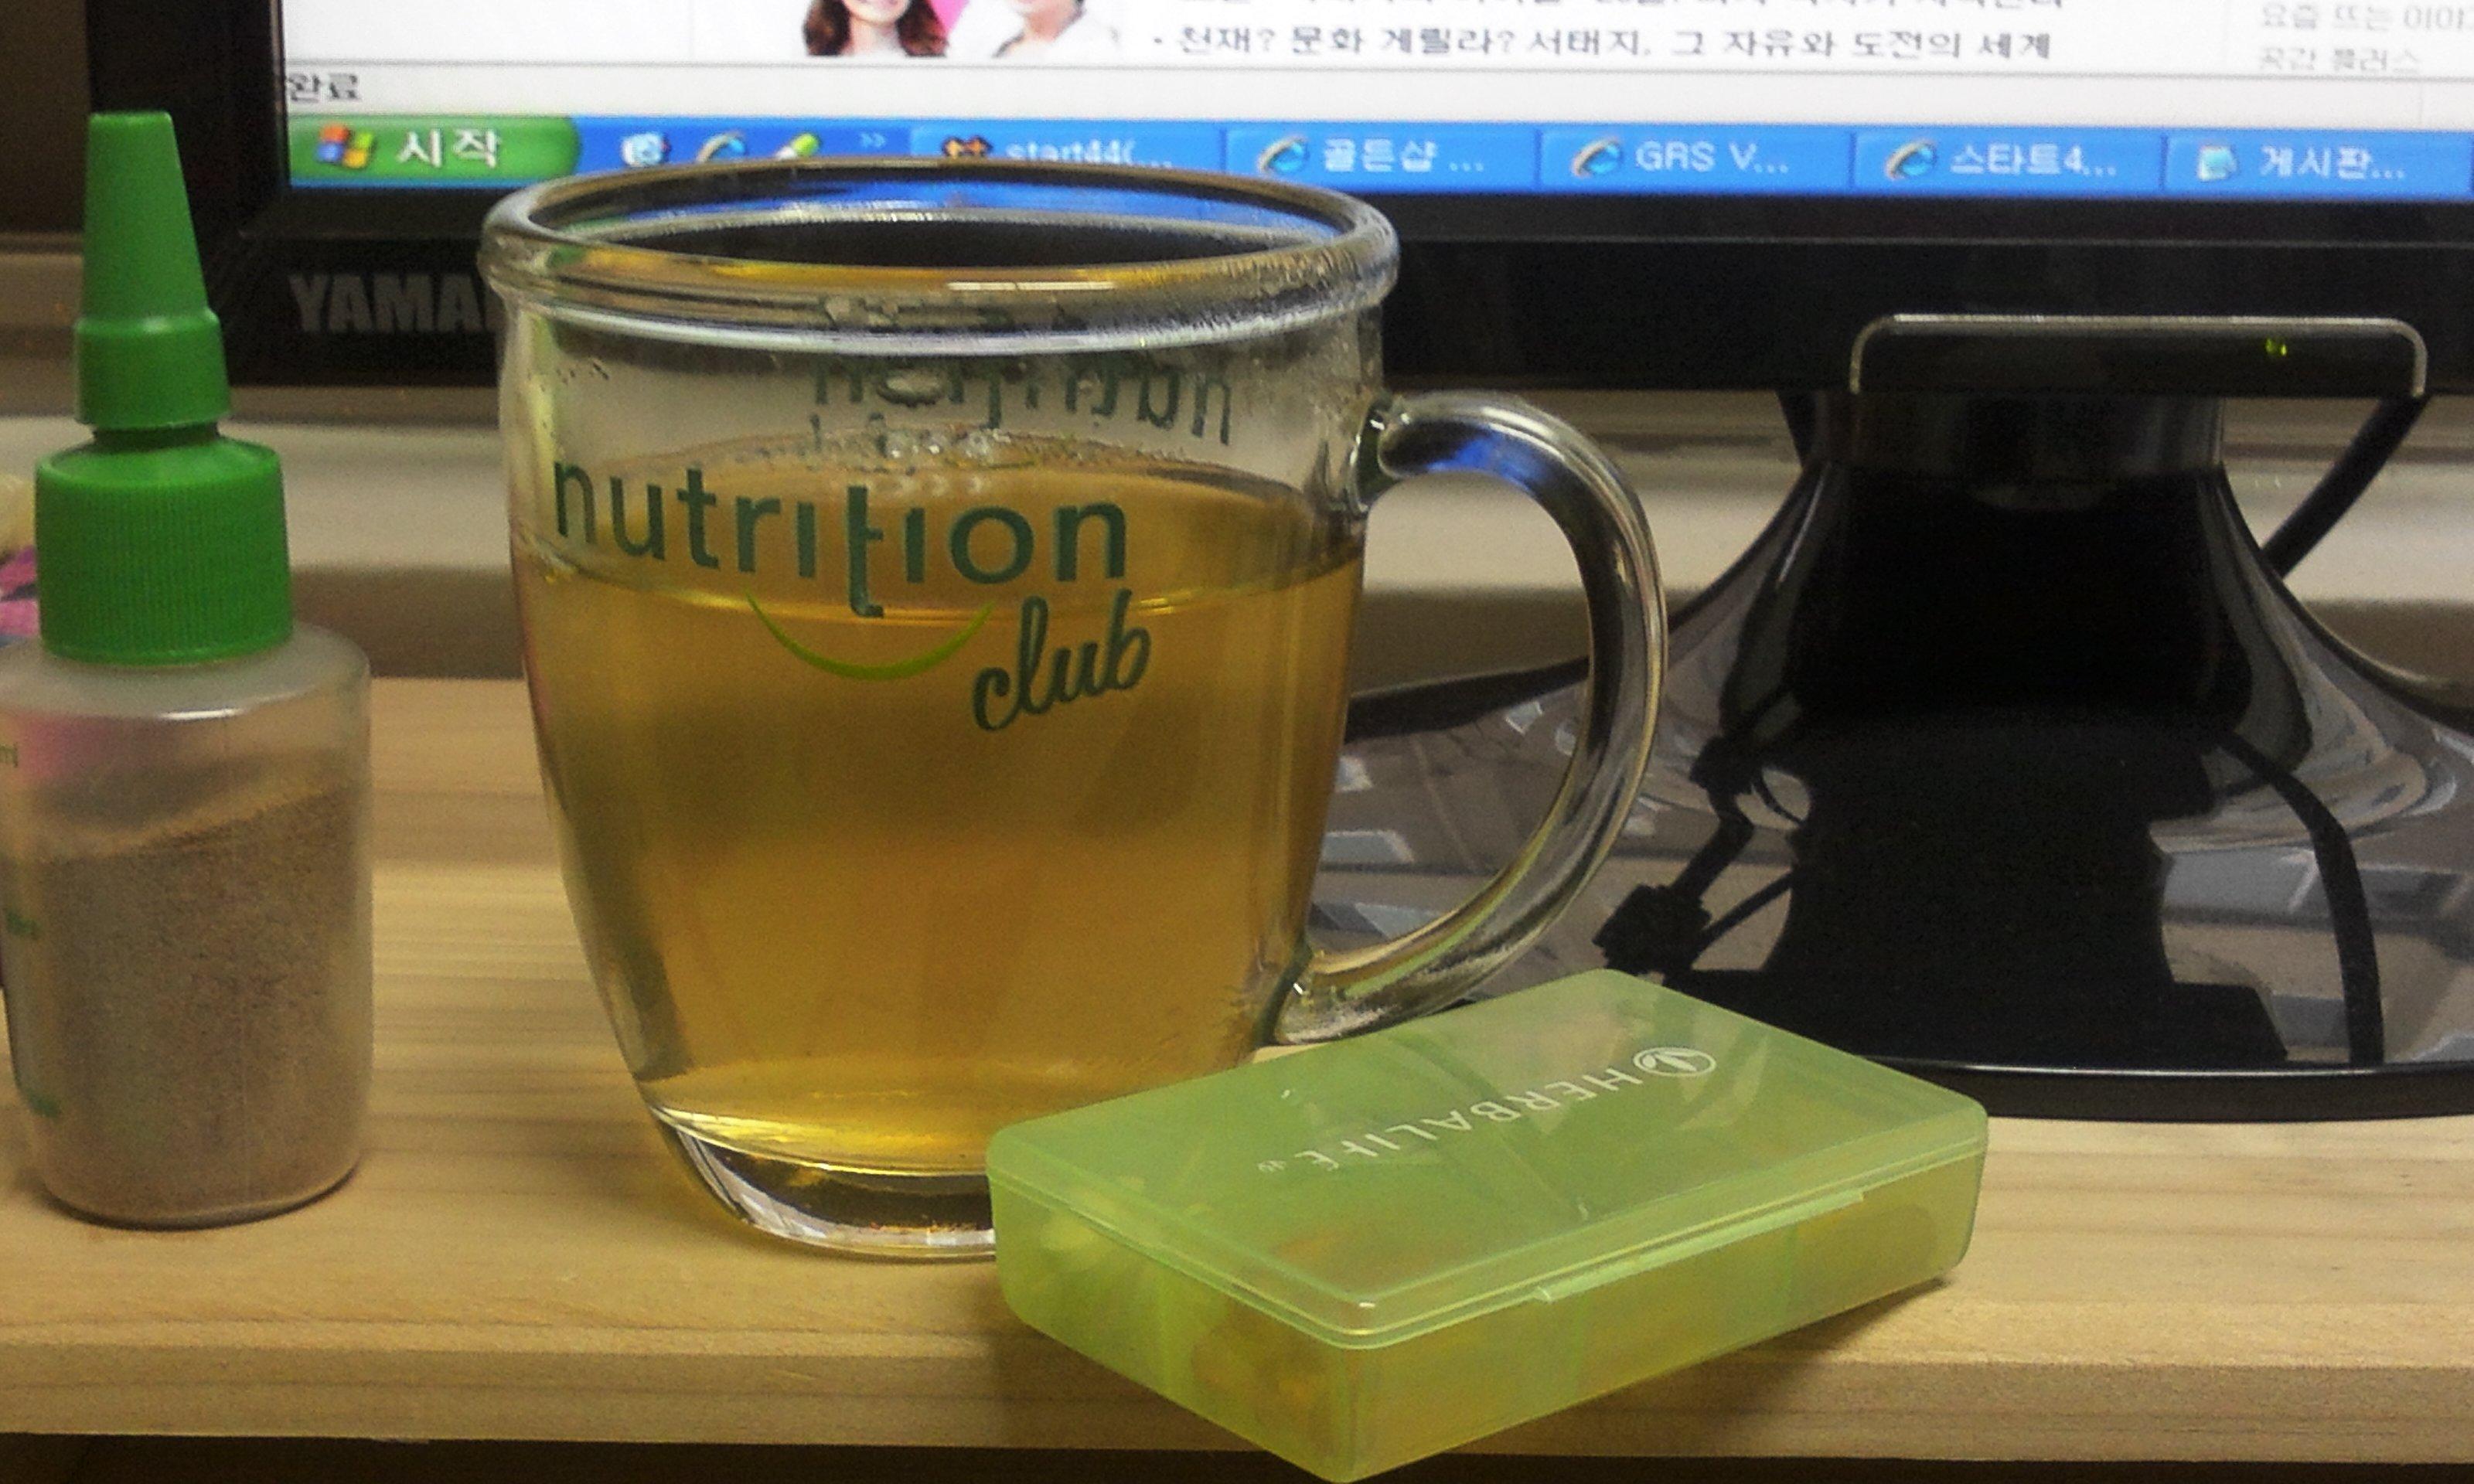 [다이어트식단]다이어트식단후기,다이어트식단짜기,다이어트식단소개할께요!!